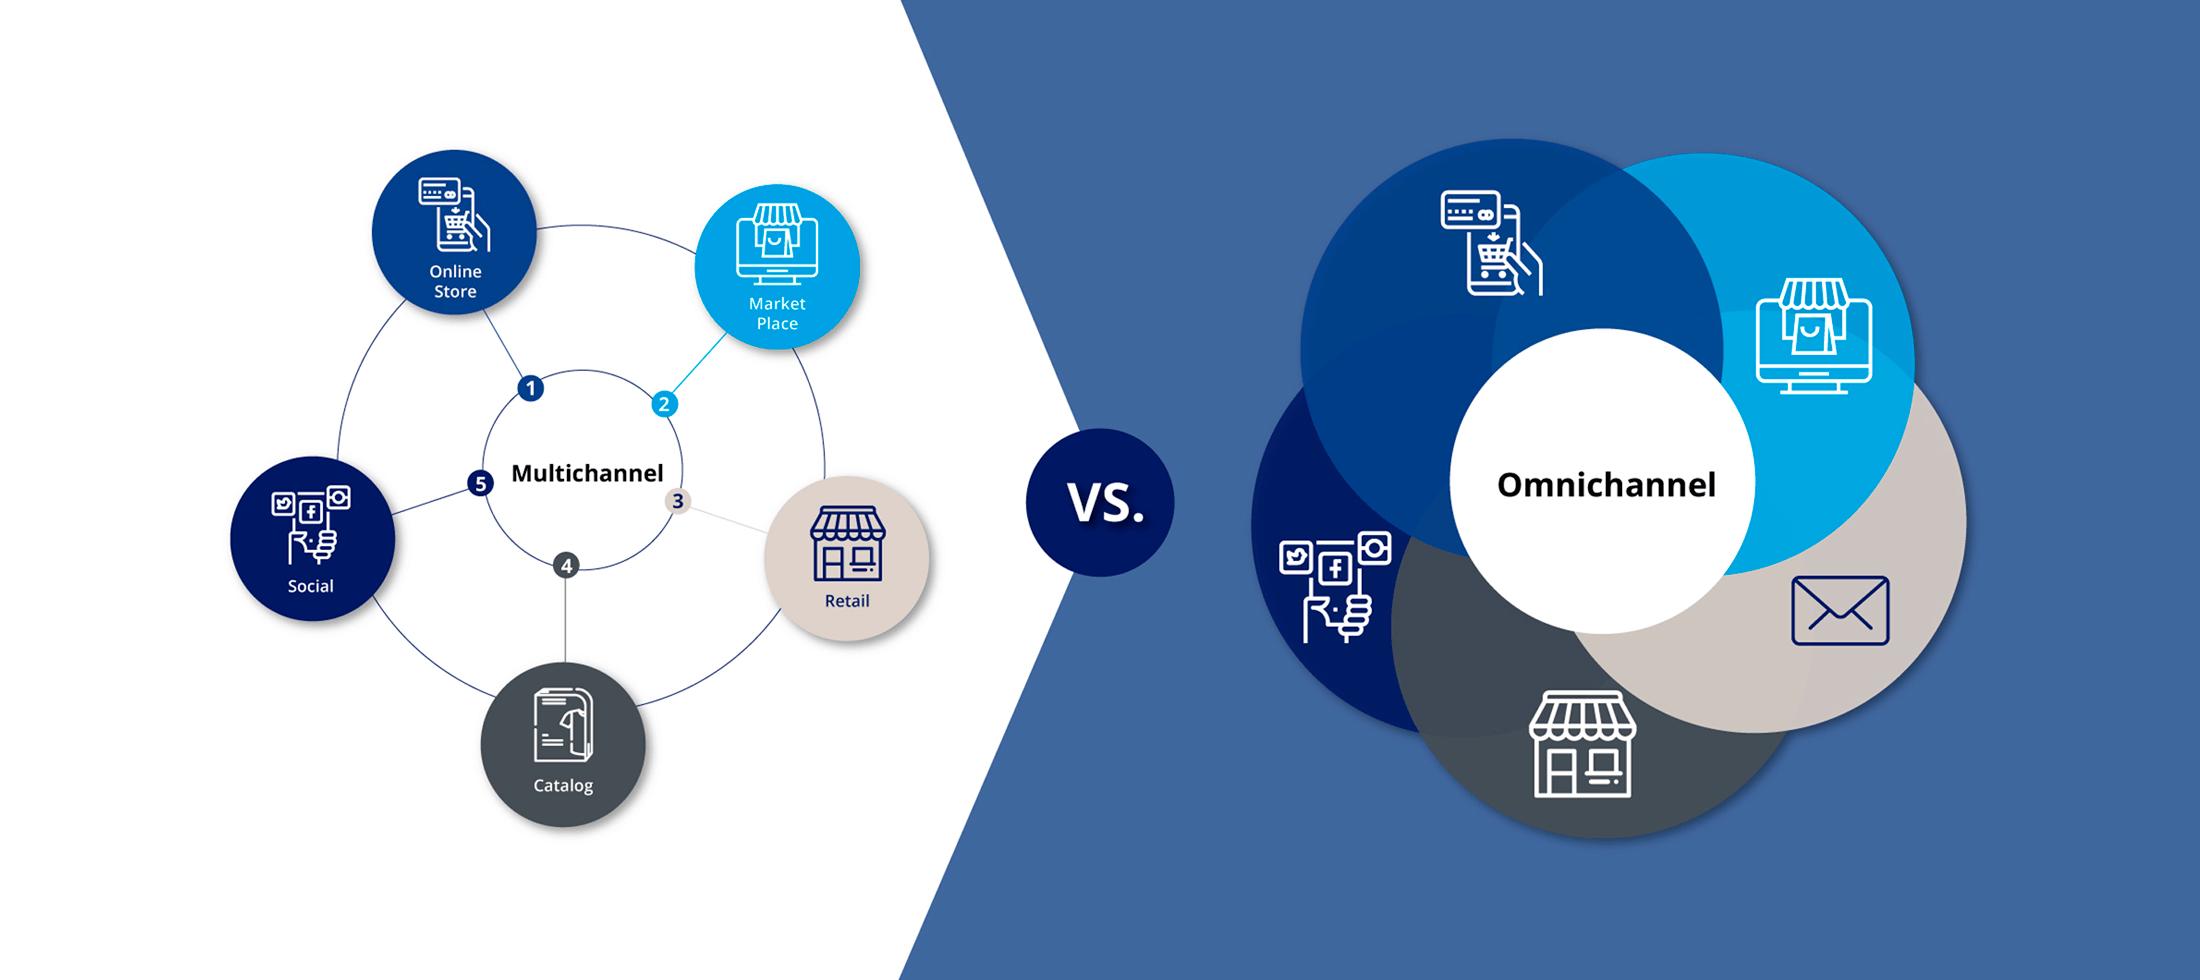 Multi-channel vs Omnichannel chart